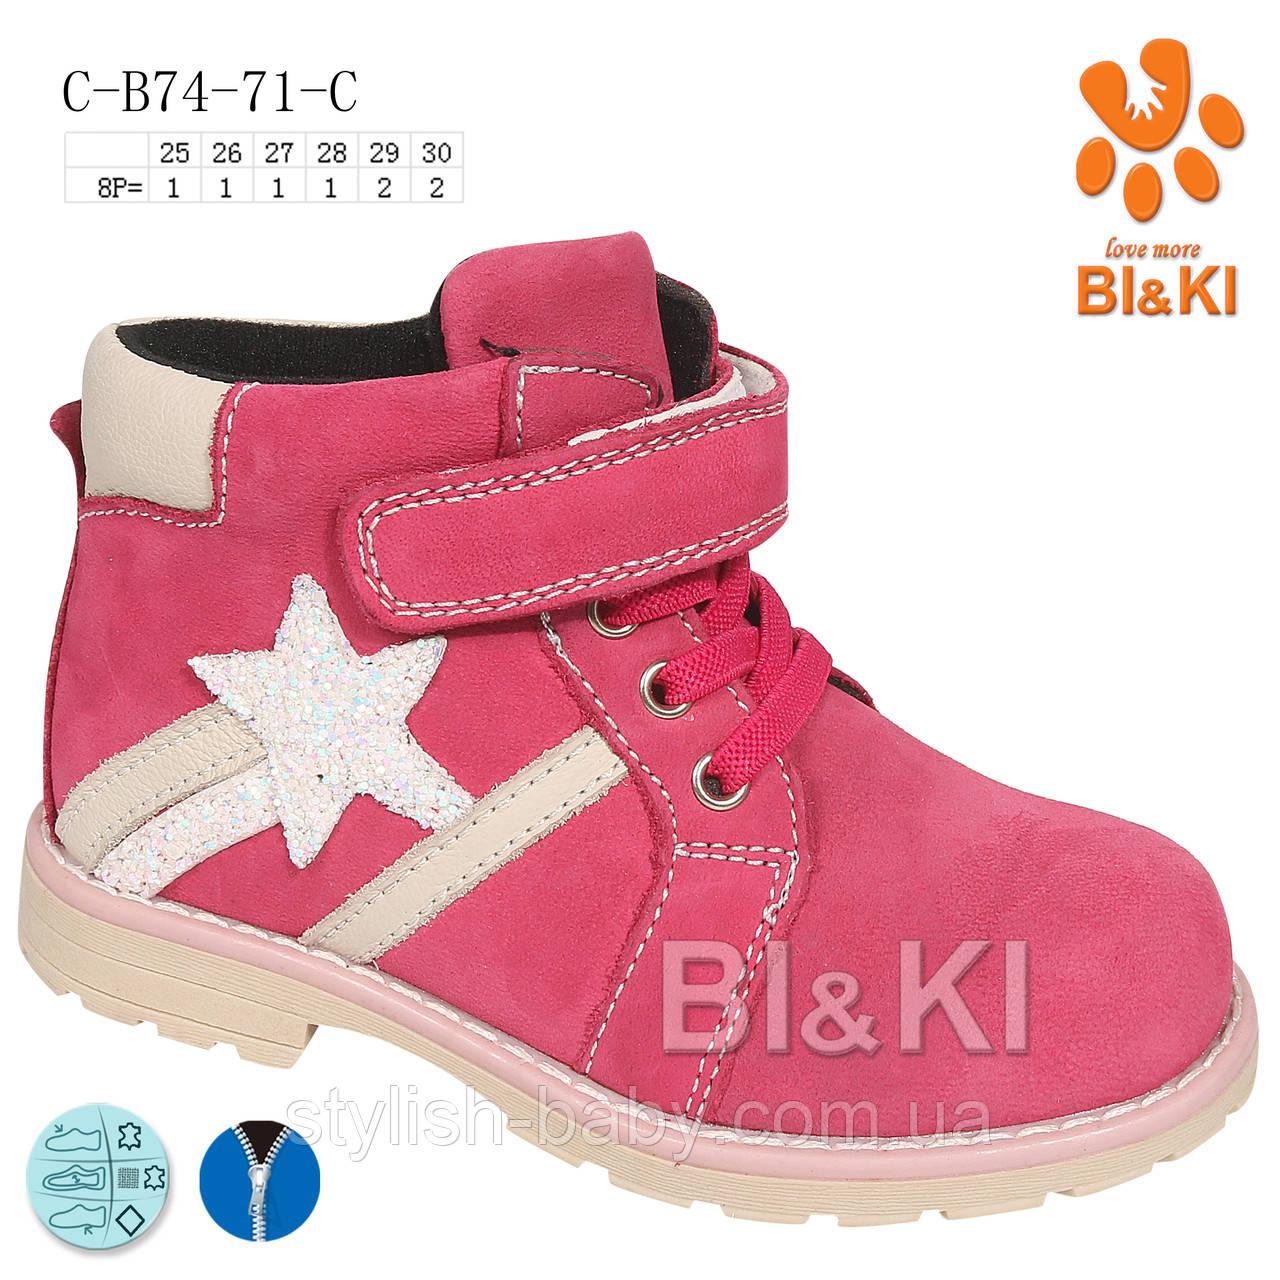 Детская обувь 2020 оптом. Детская демисезонная обувь бренда Tom.m - Bi&Ki для девочек (рр. с 25 по 30)